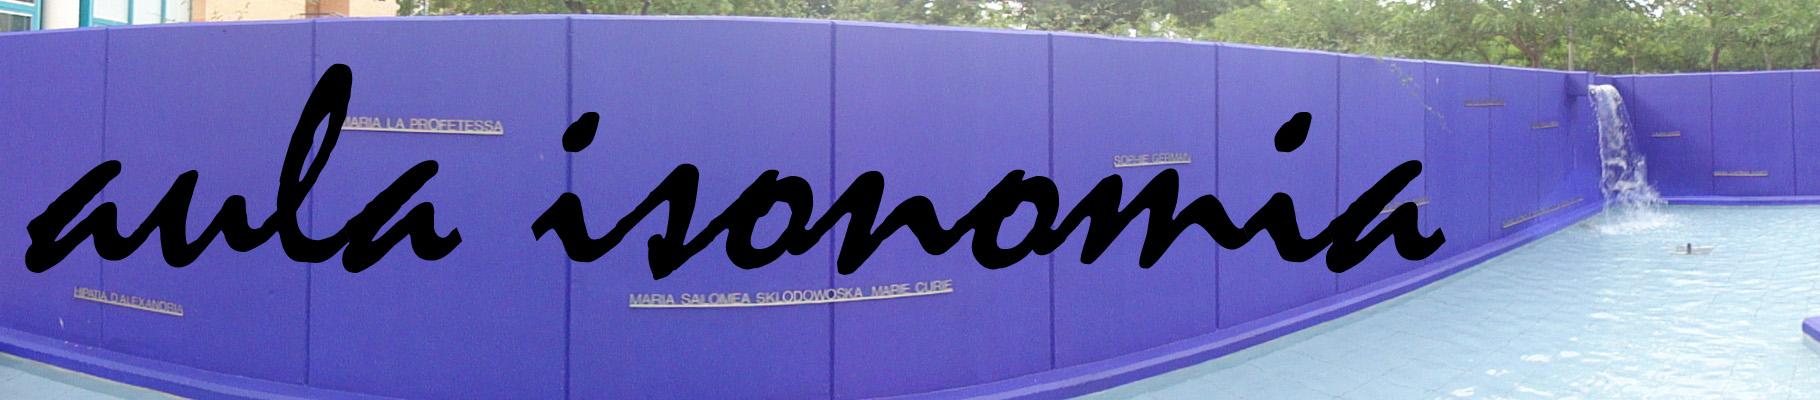 banner_aulaisonomia_negro